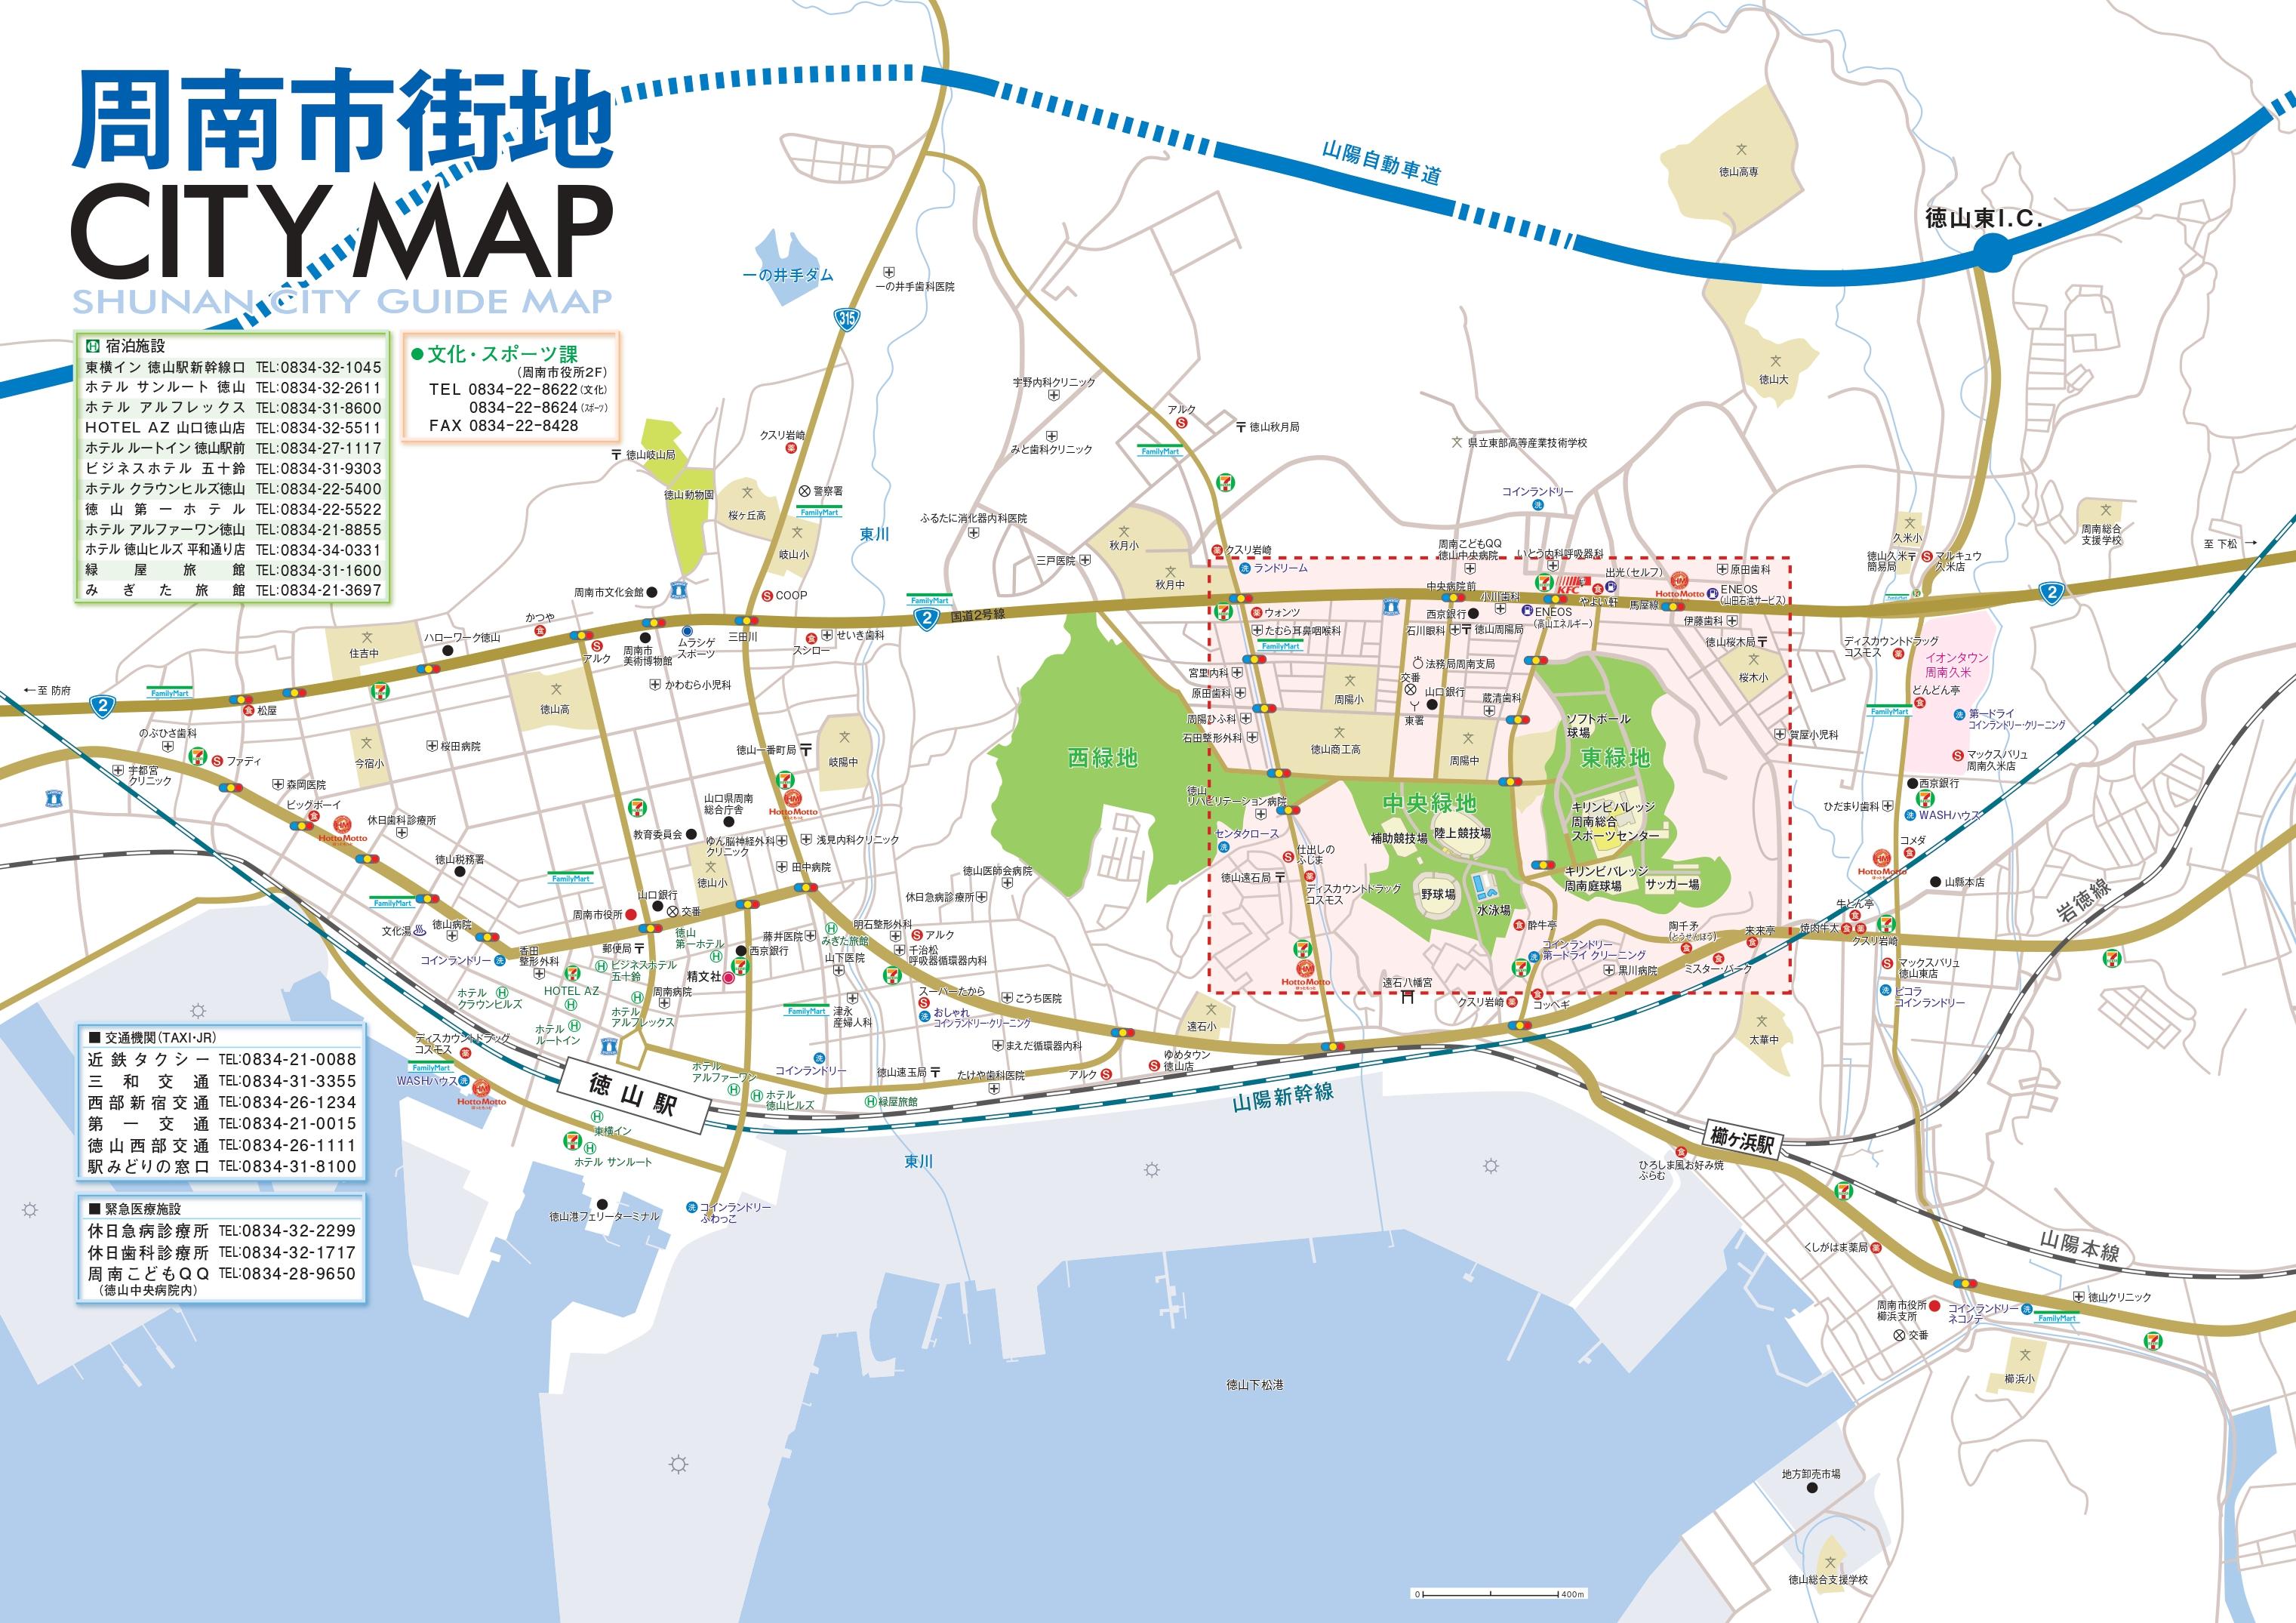 周南市街地マップB3_page-0001